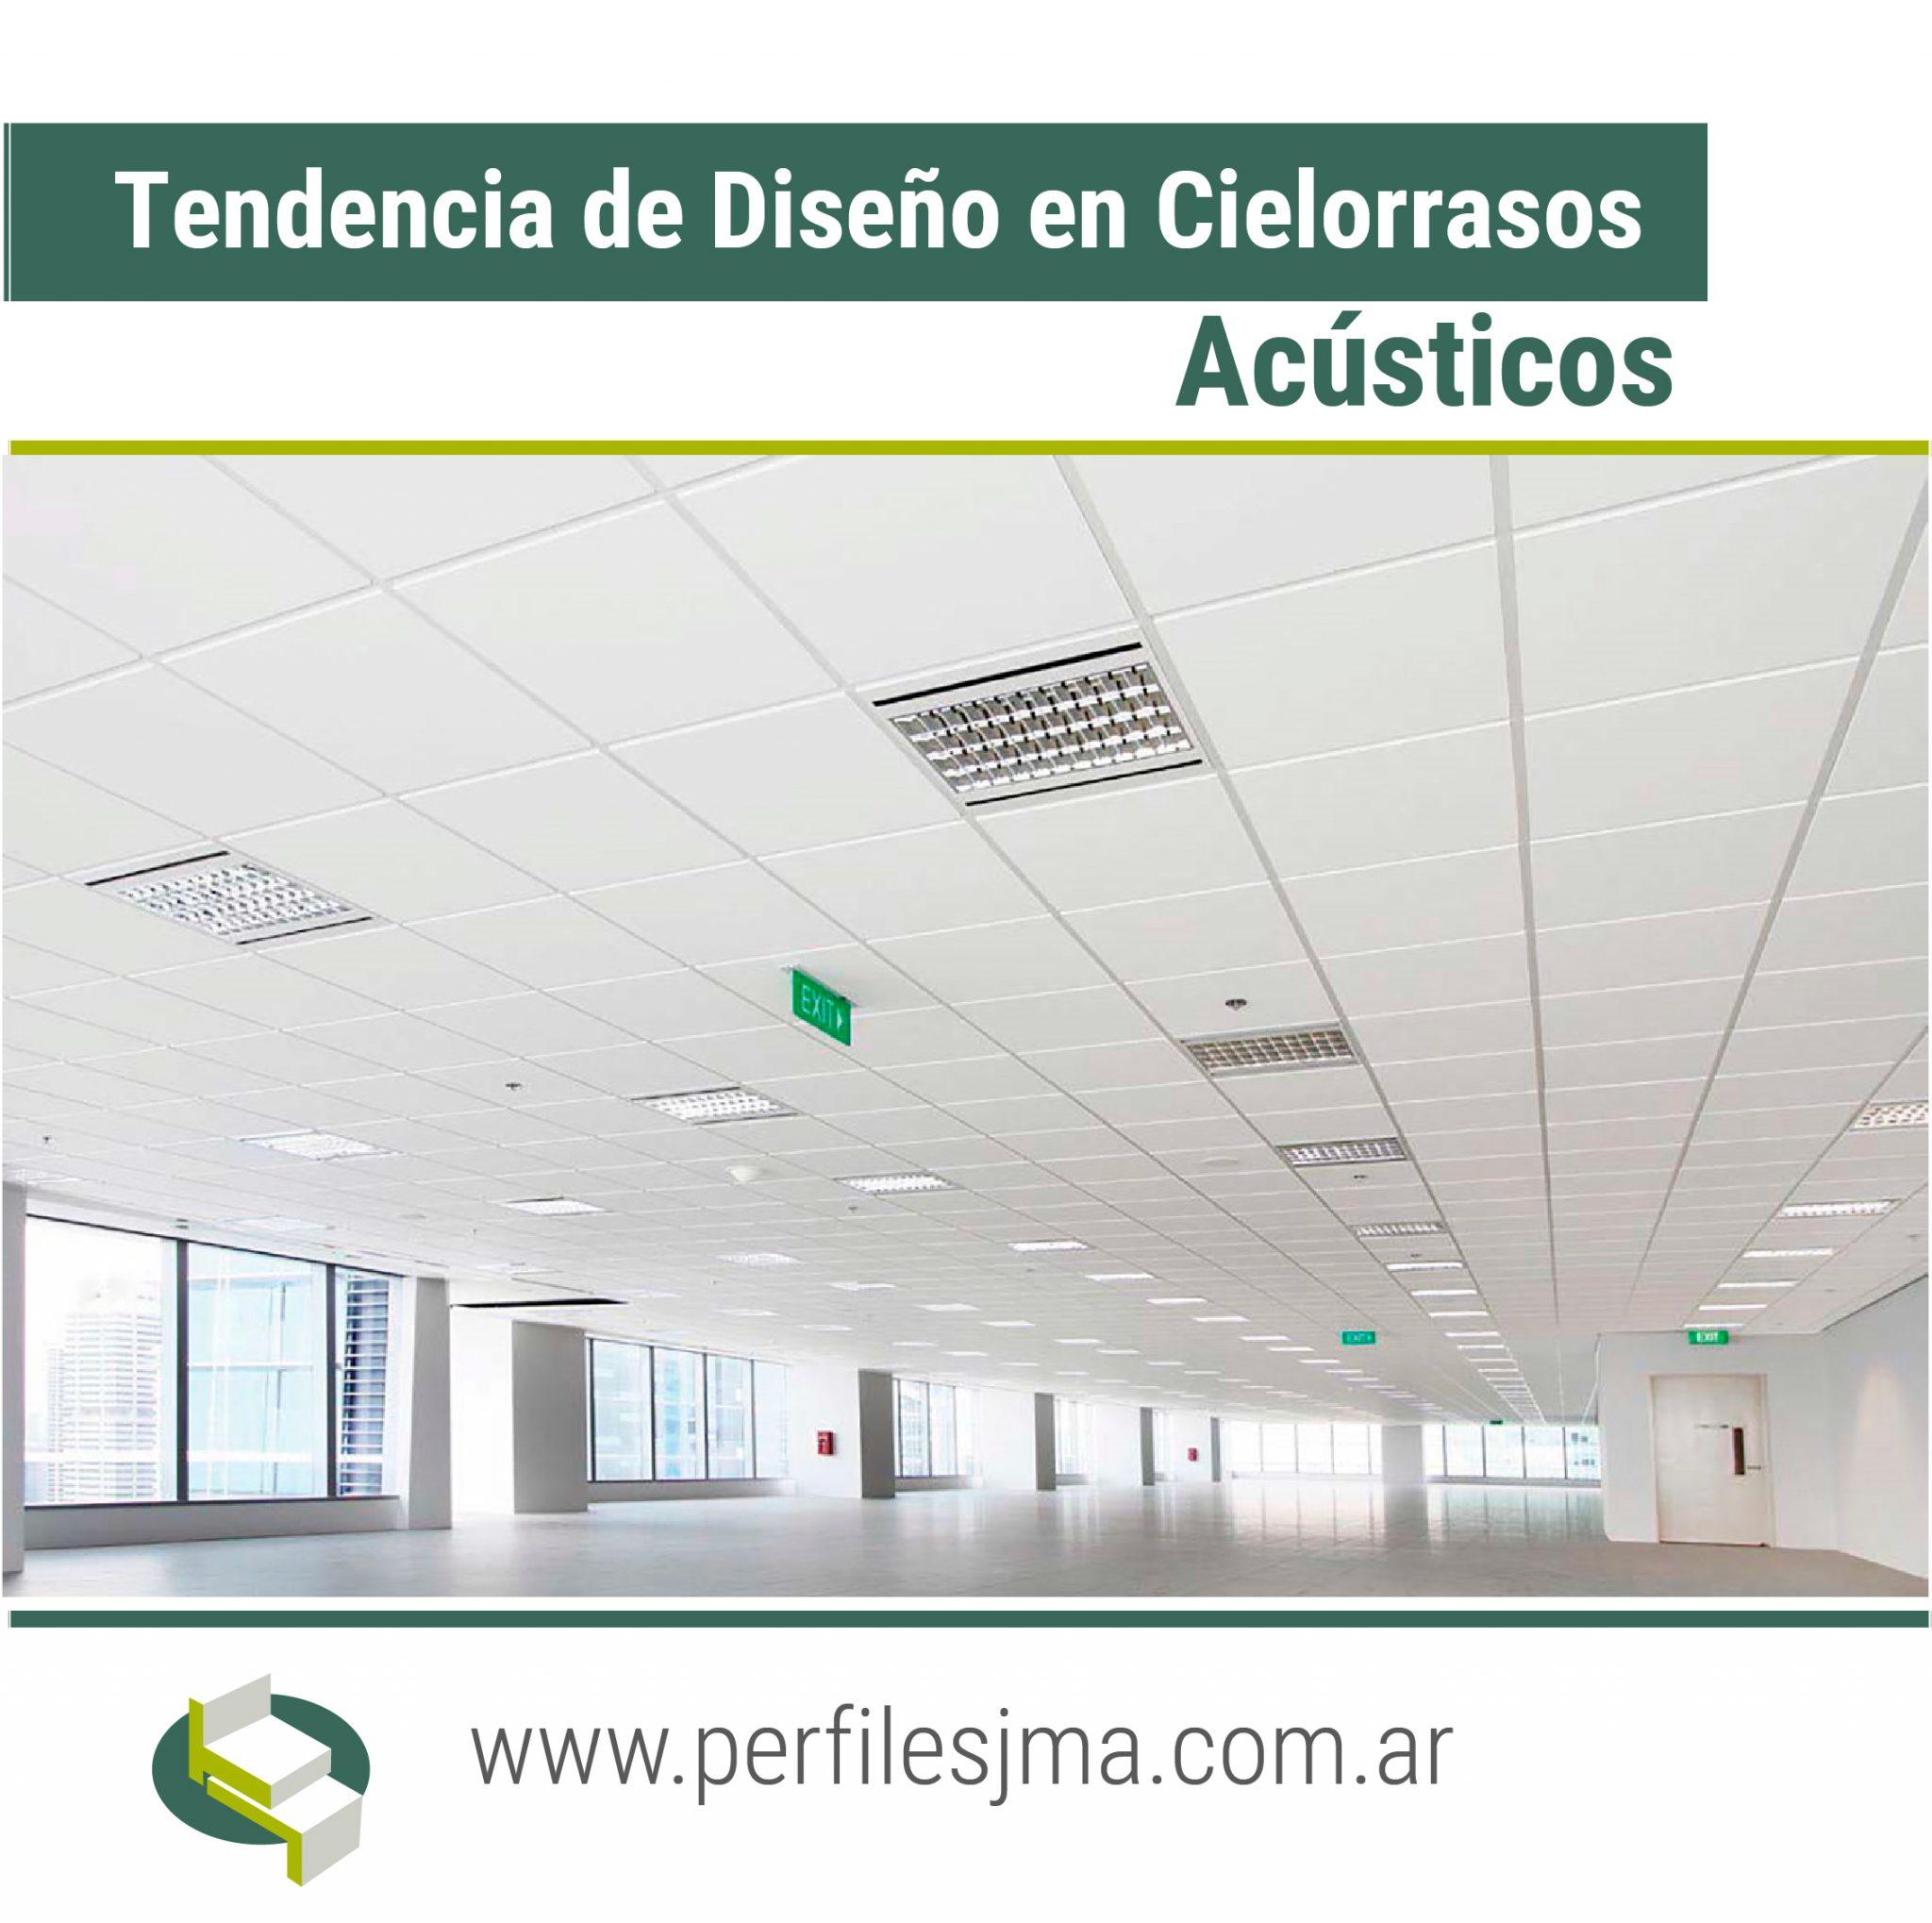 TENDENCIA DE DISEÑO EN CIELORRASOS ACUSTICOS.